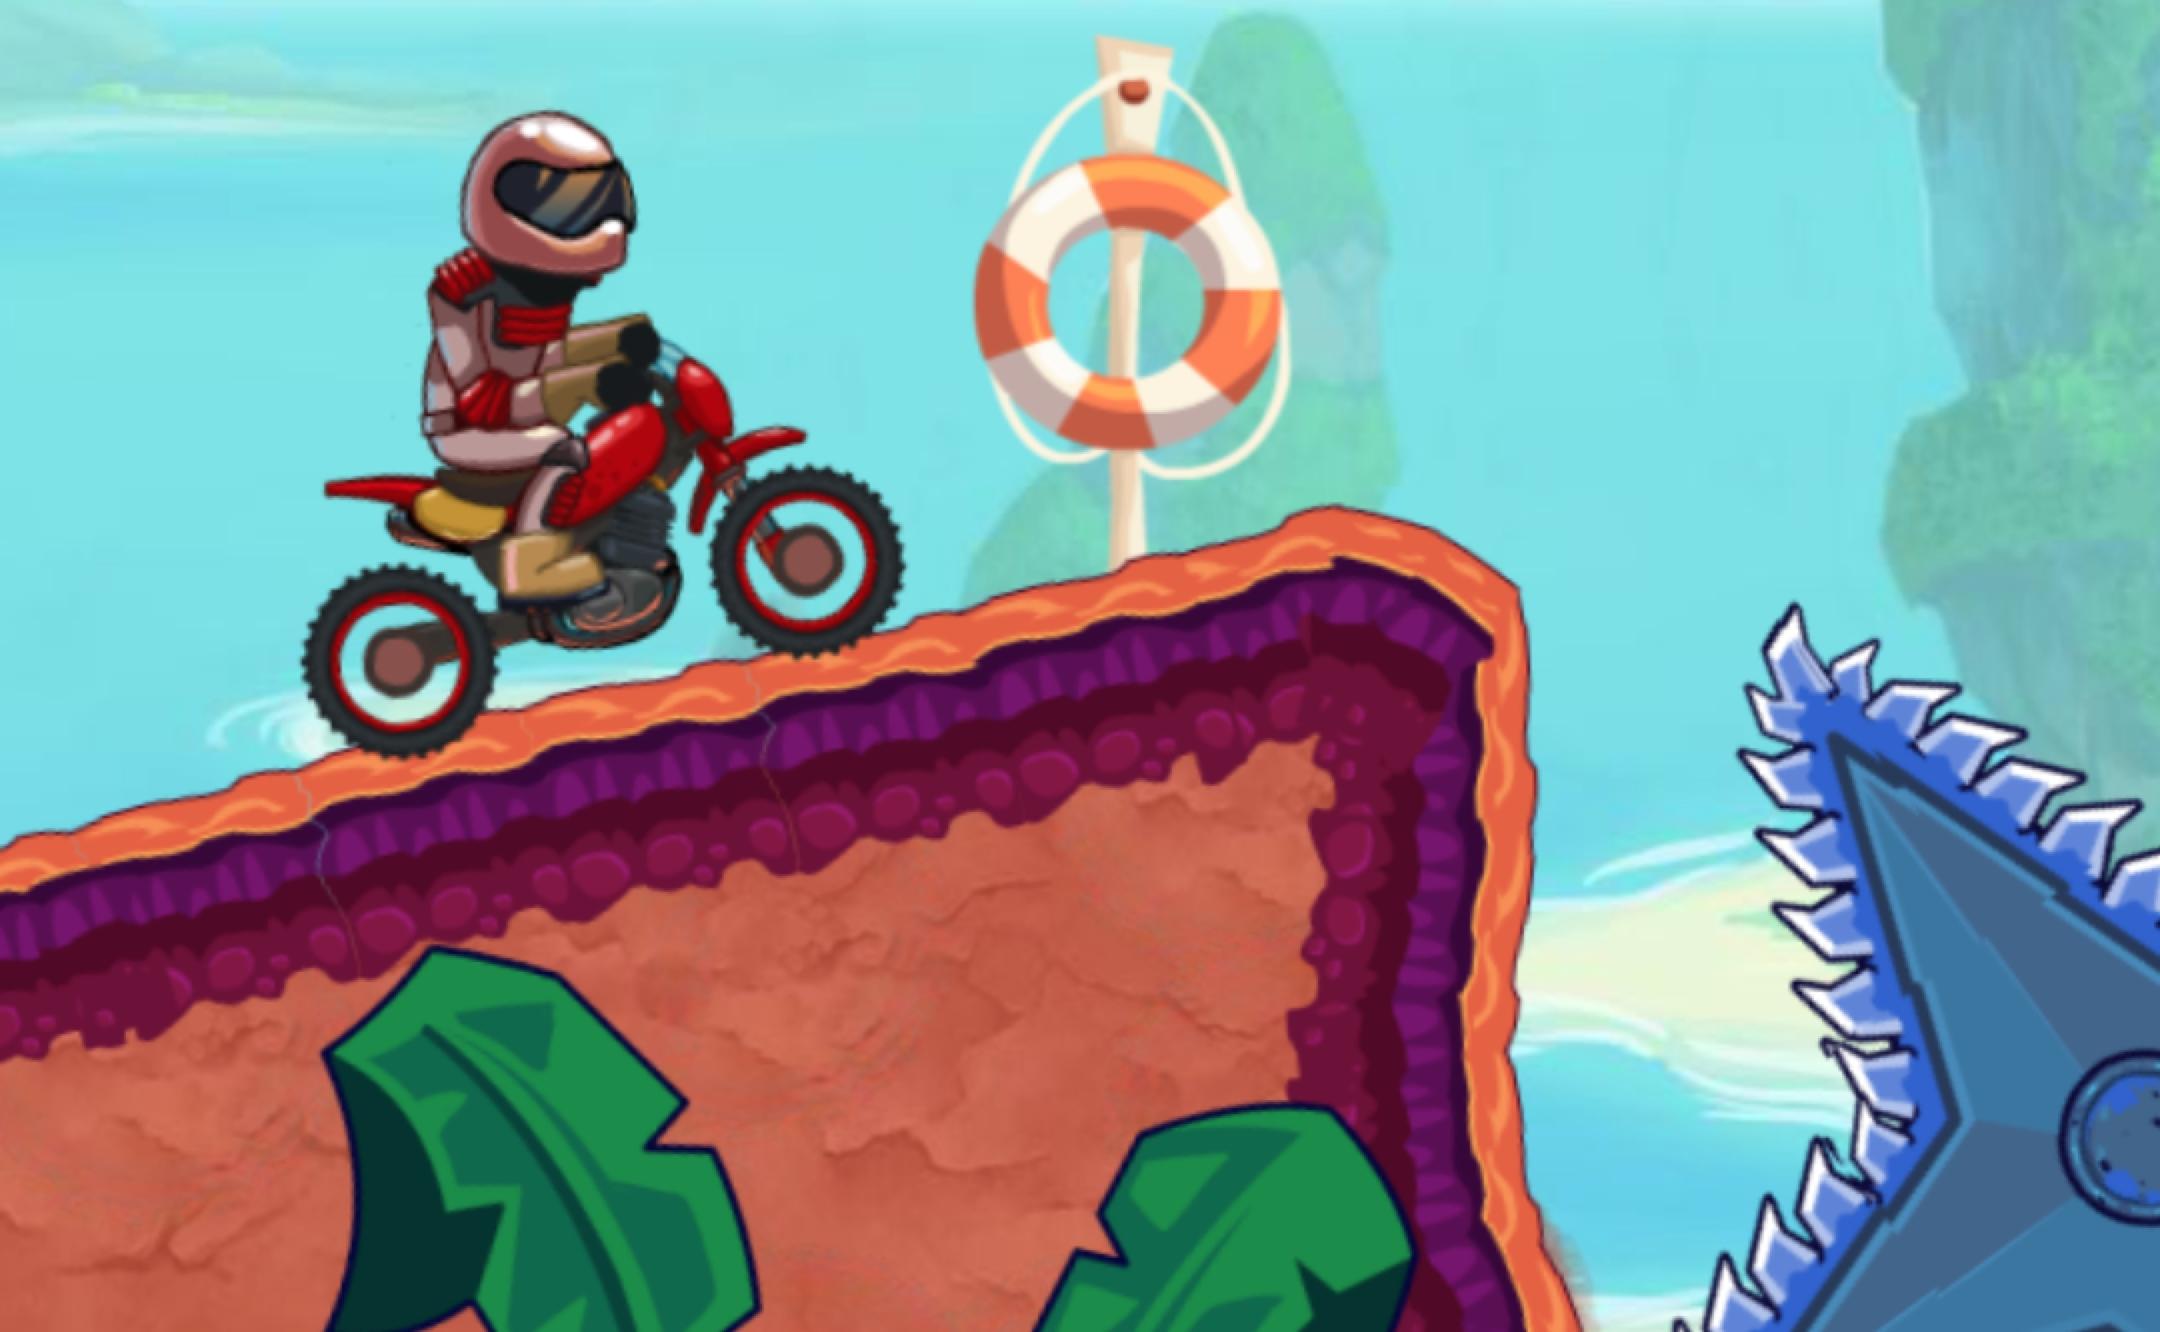 exprimir compensación textura  Juegos de Motos - Juegos de Motos En Línea